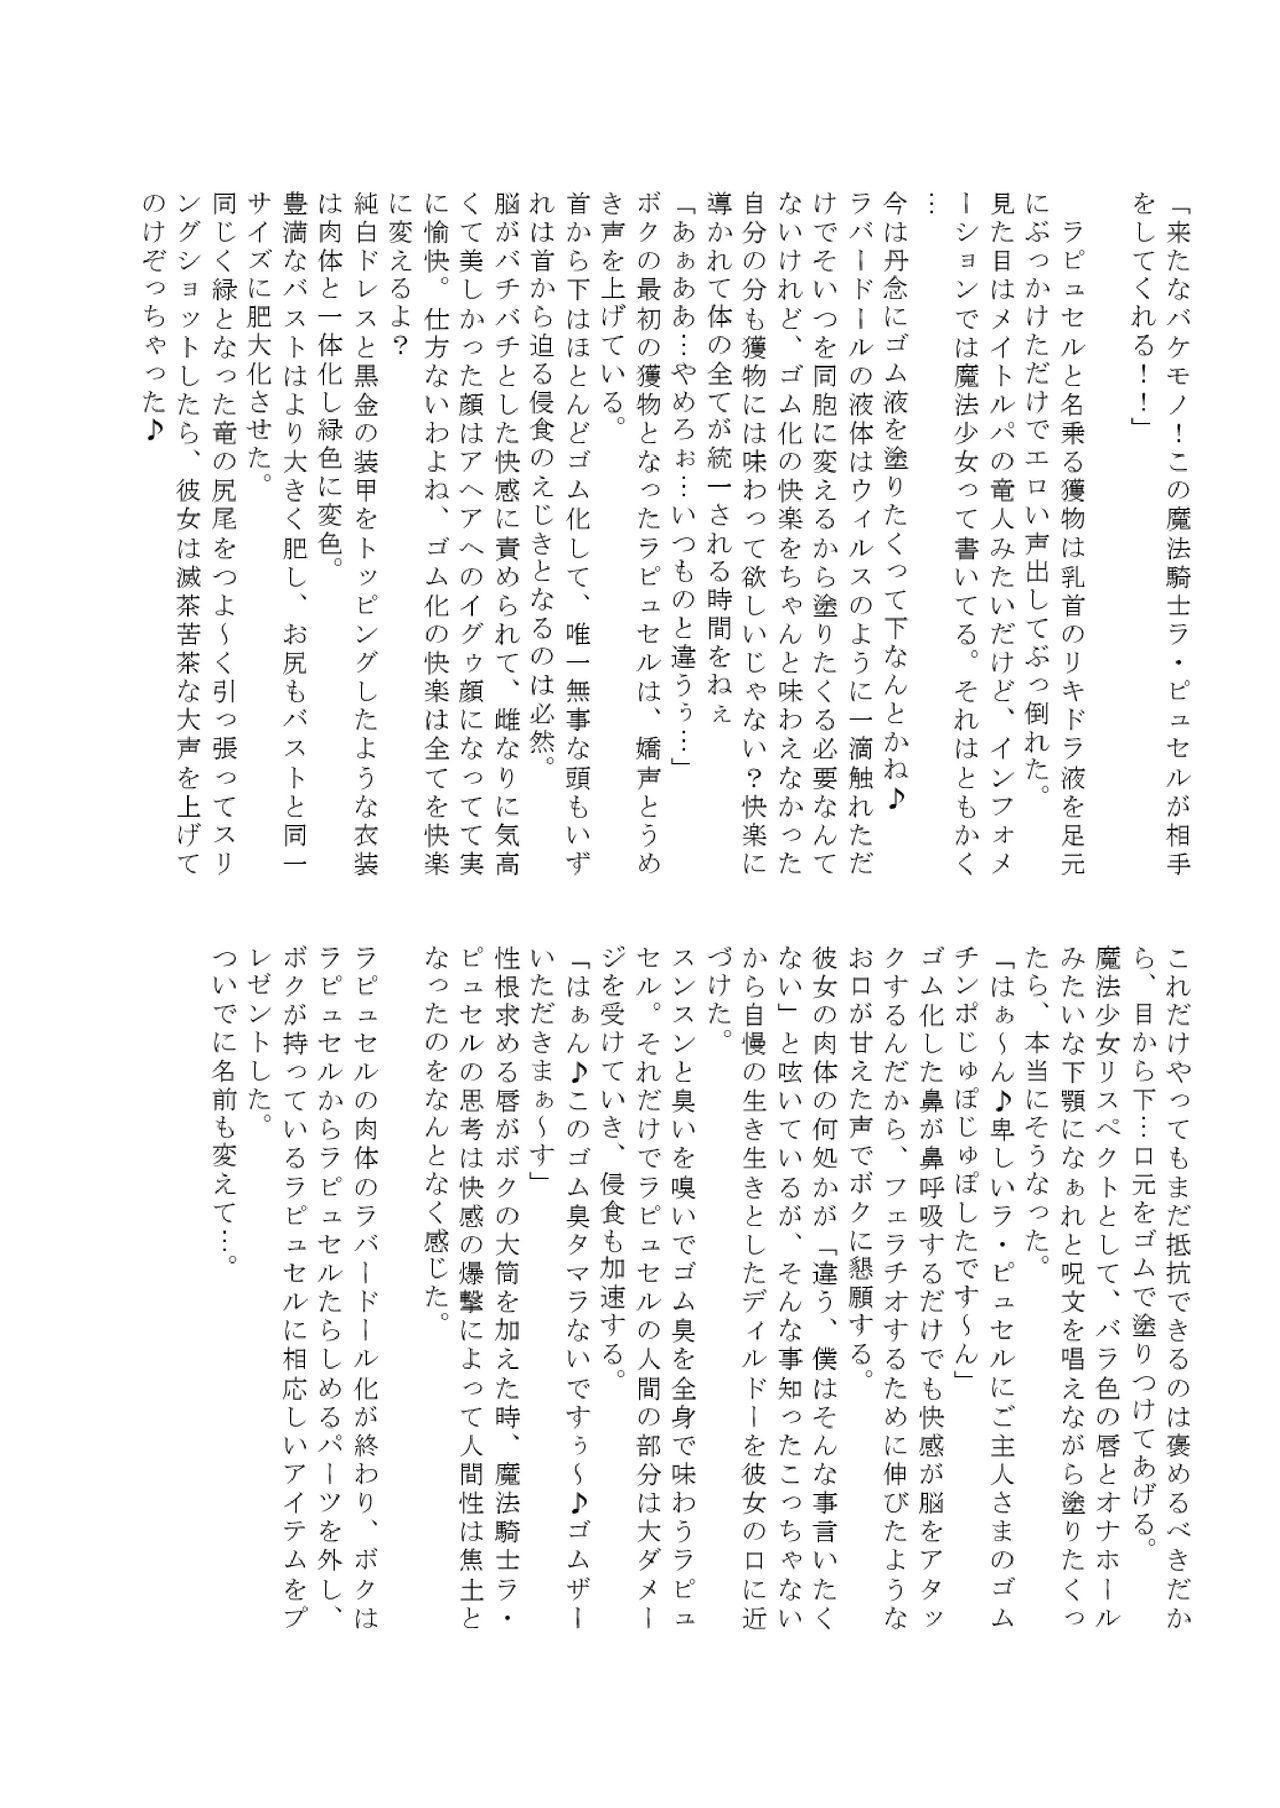 Gomboat-ka Goudou Zecchou Gomu 55